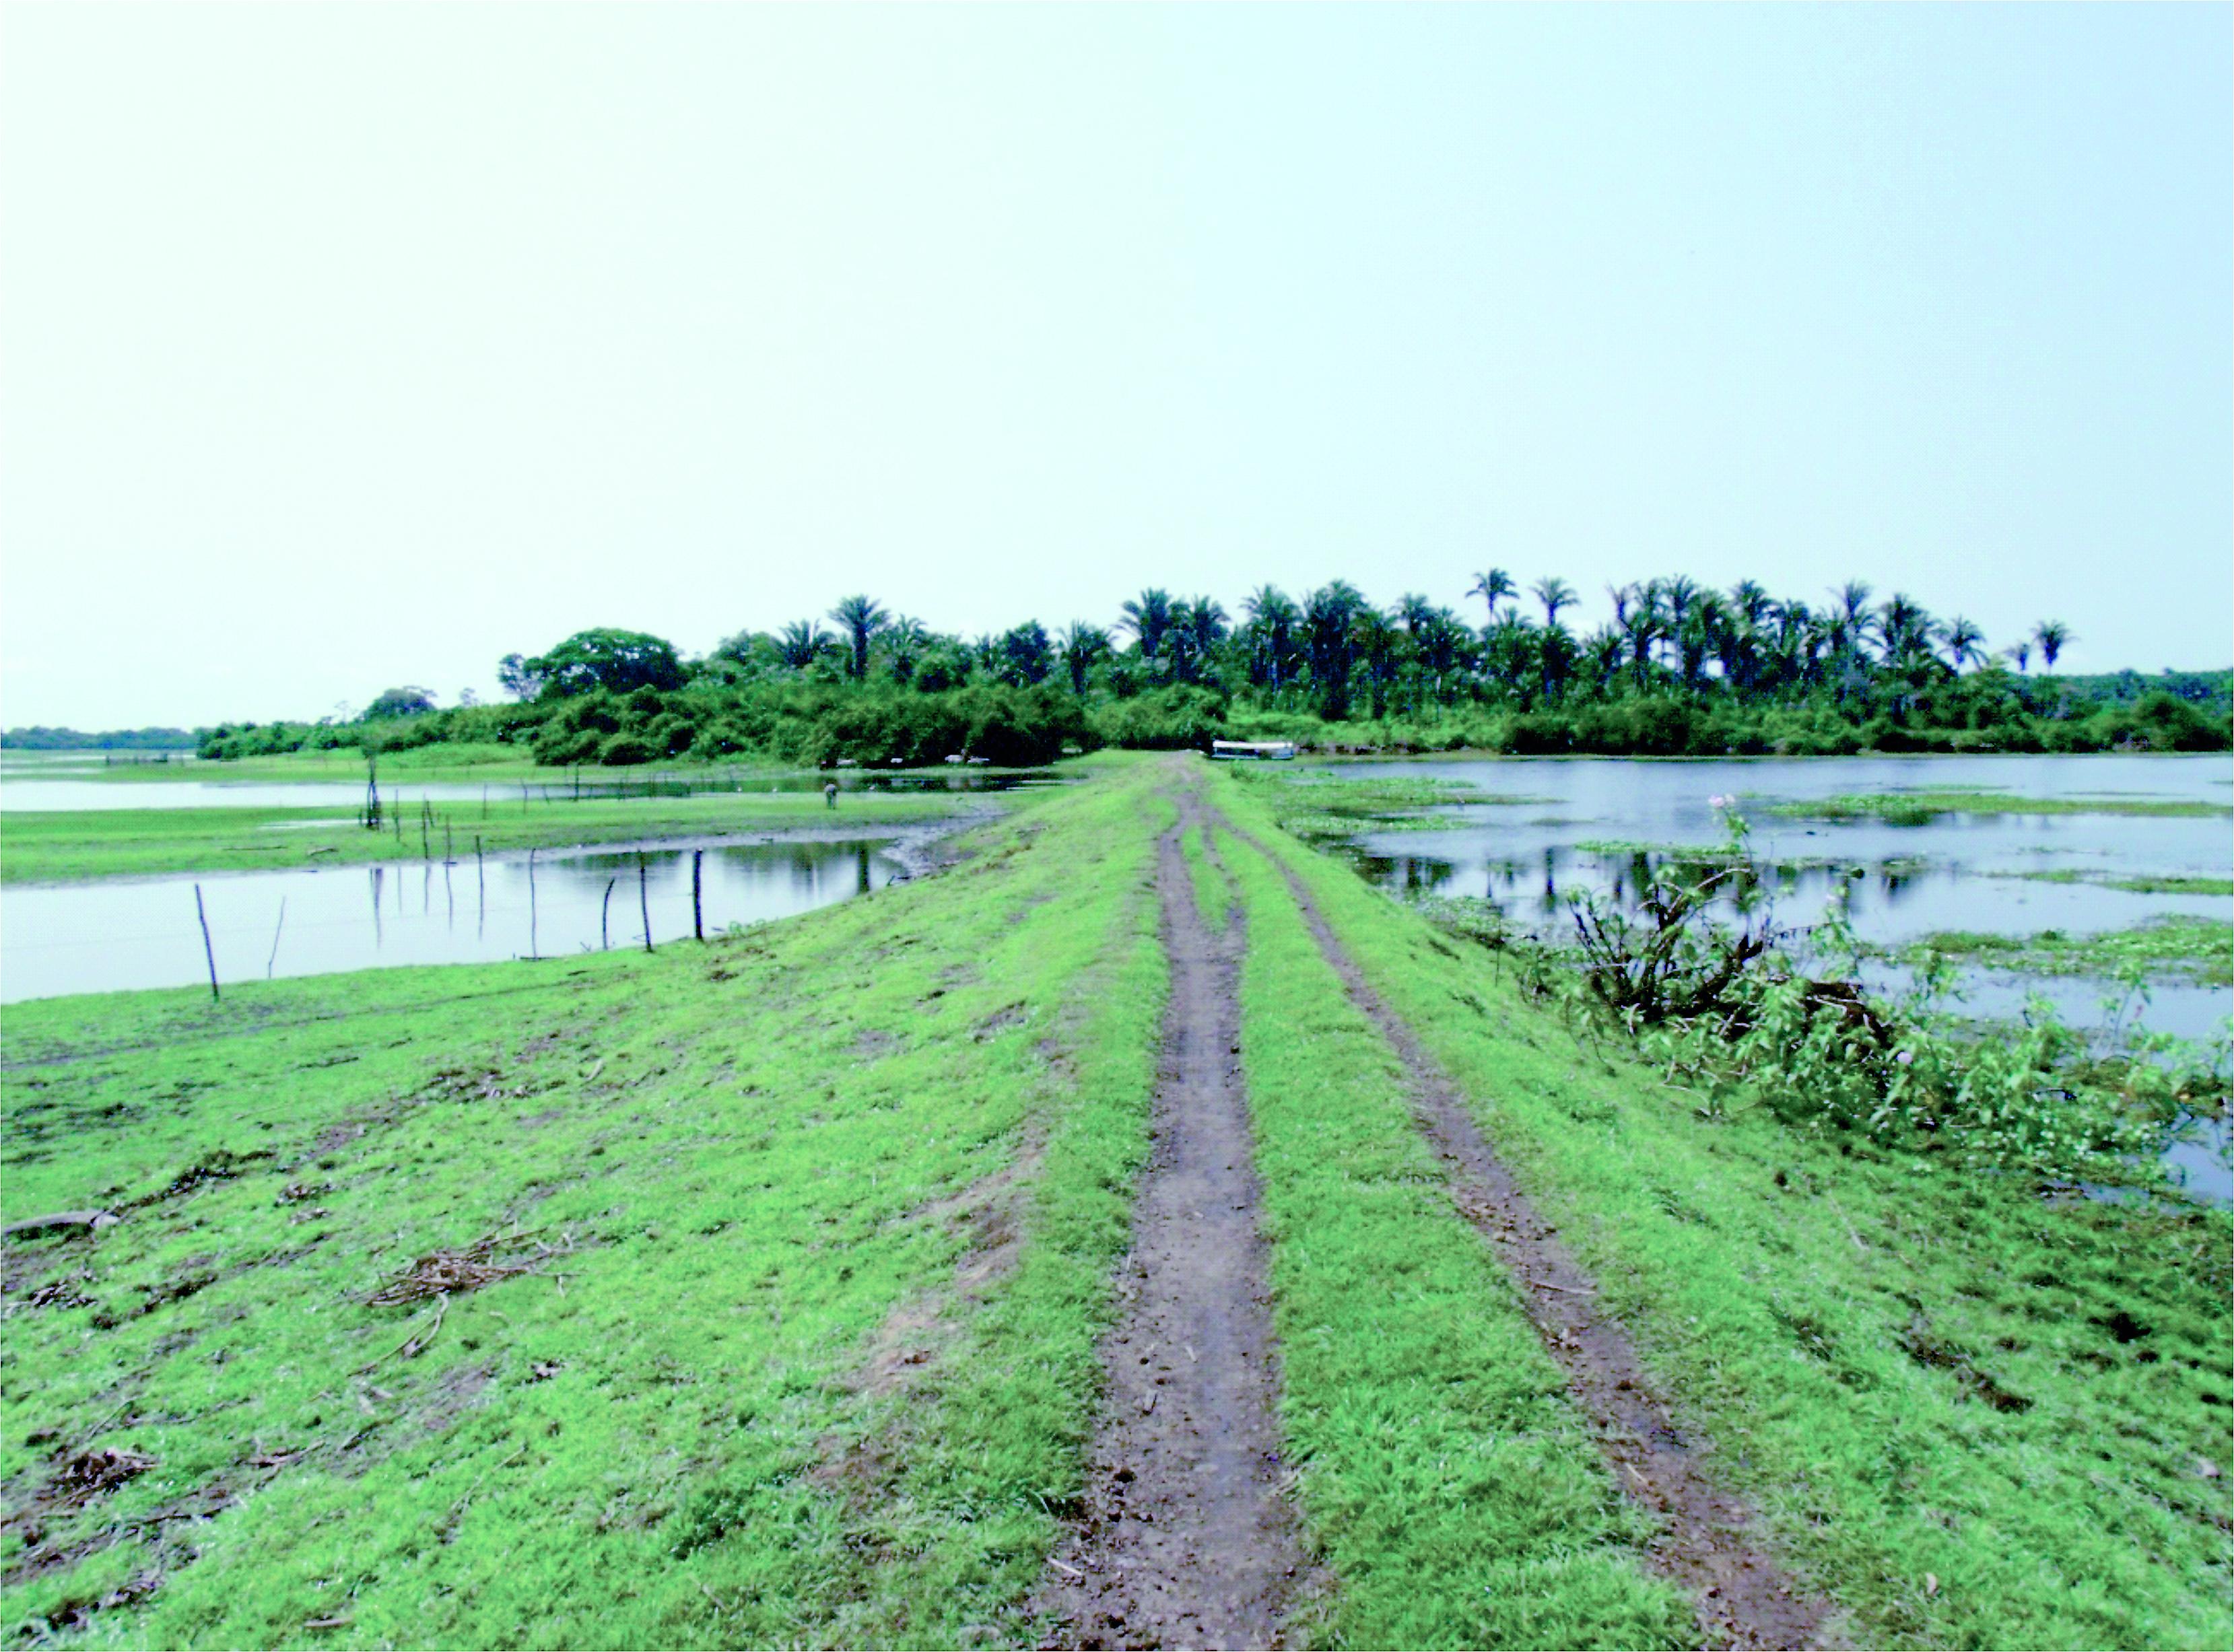 Barragem semelhante ao Sistema de Diques da Baixada